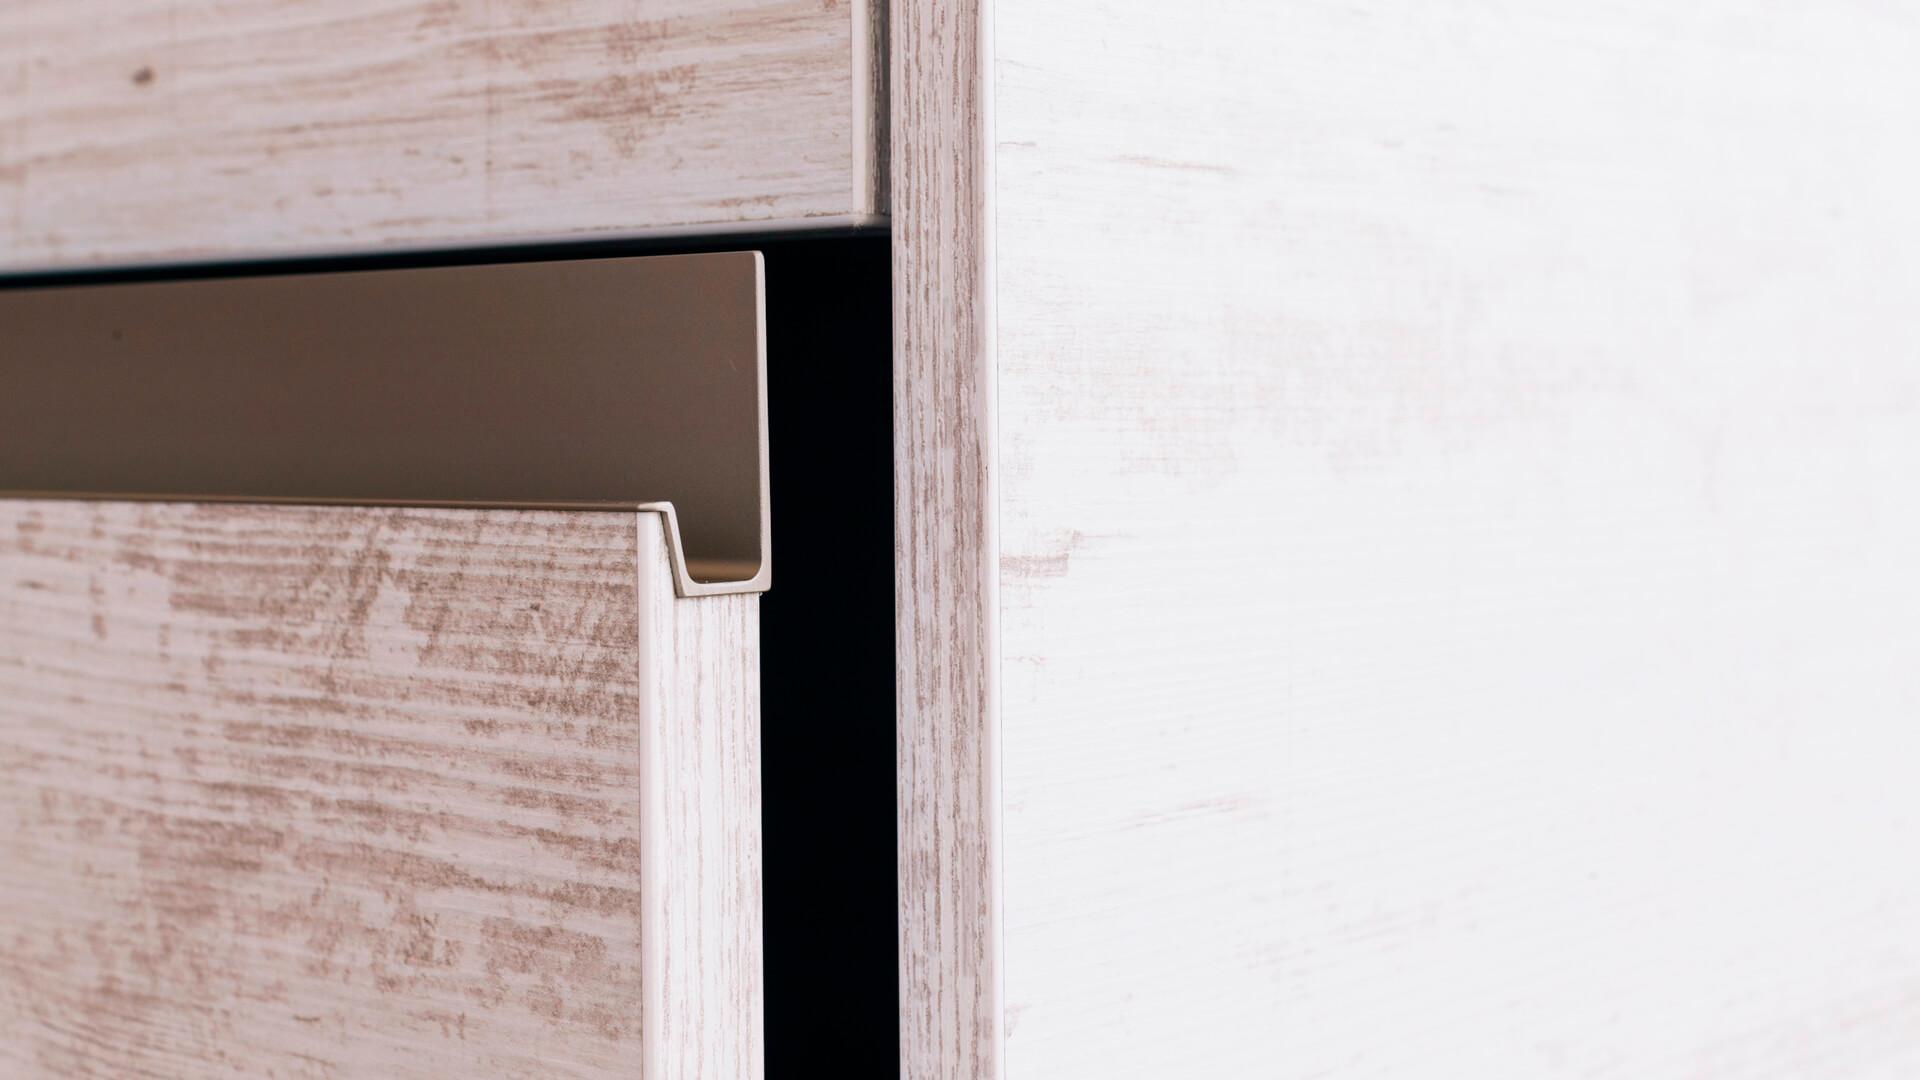 Full Size of Küchengriffe Landhaus Griffe Ffnungssysteme Fr Ihre Kche Ratiomat Bett Landhausstil Betten Schlafzimmer Weiß Küche Landhausküche Fenster Esstisch Moderne Wohnzimmer Küchengriffe Landhaus